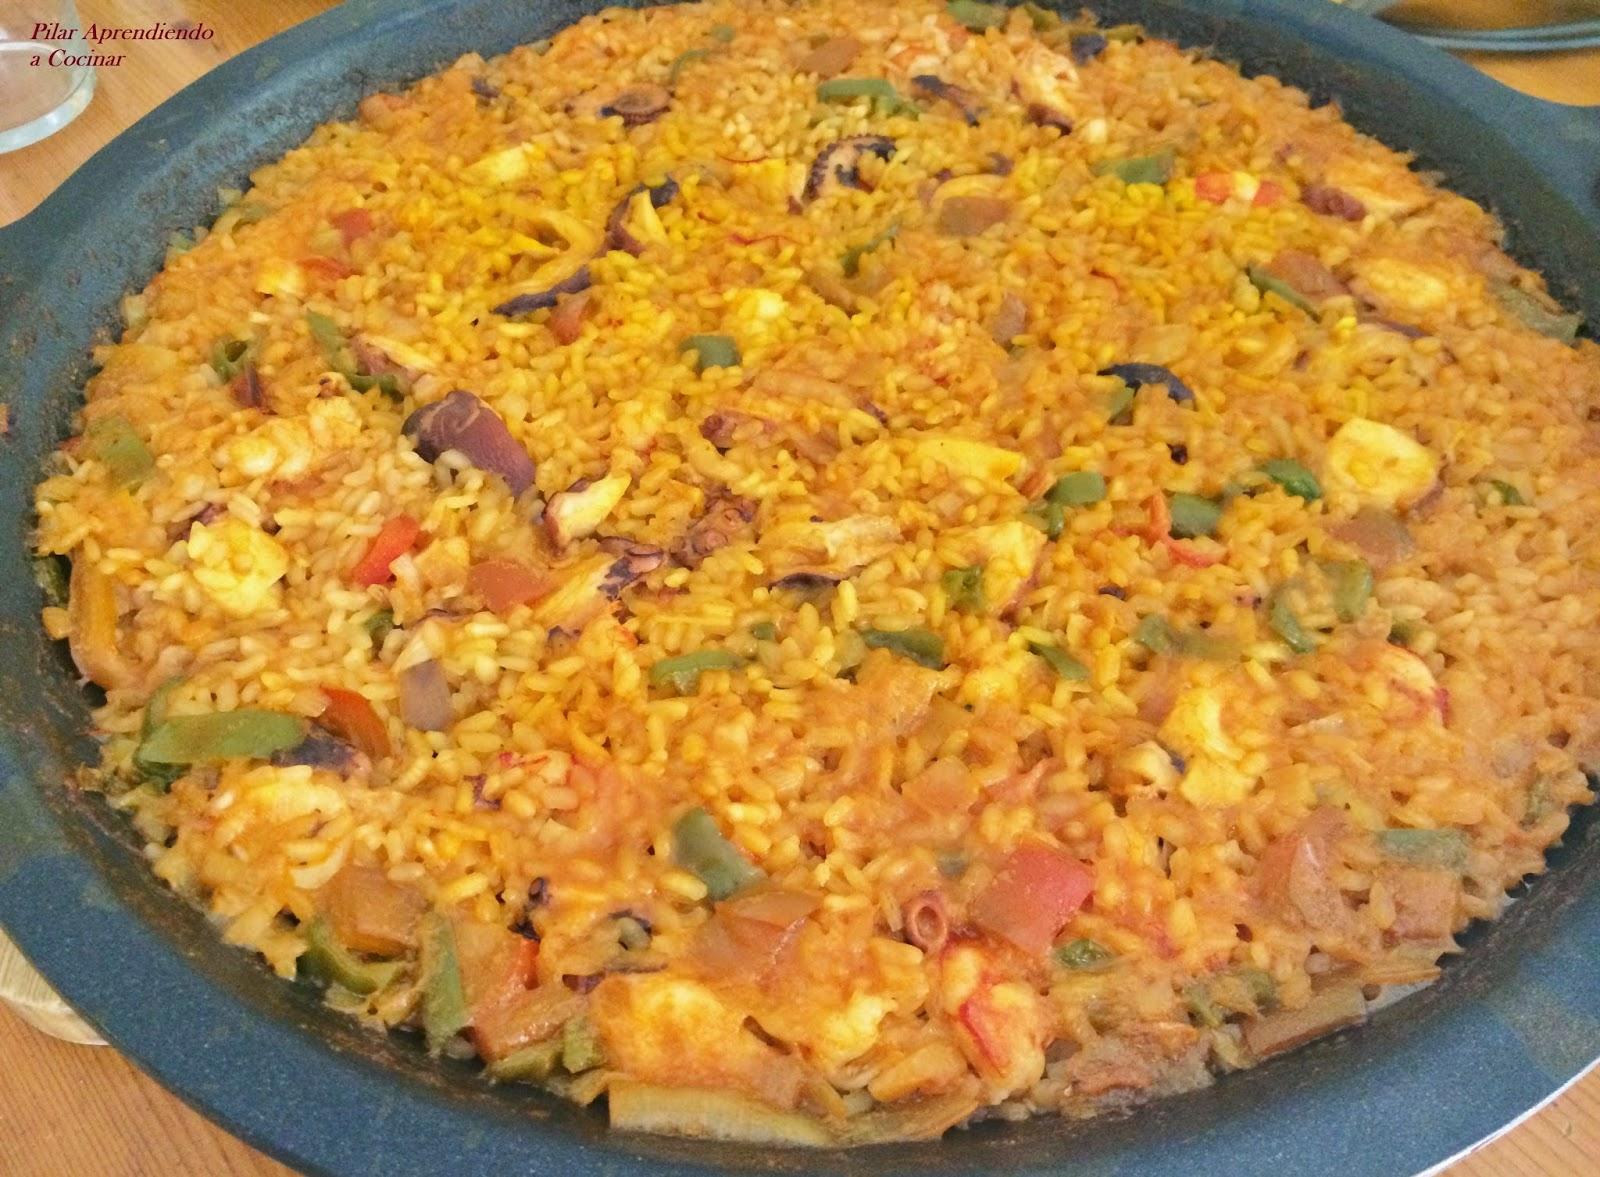 Aprendiendo a cocinar arroz con pulpo y gambas Cocinar con 5 ingredientes